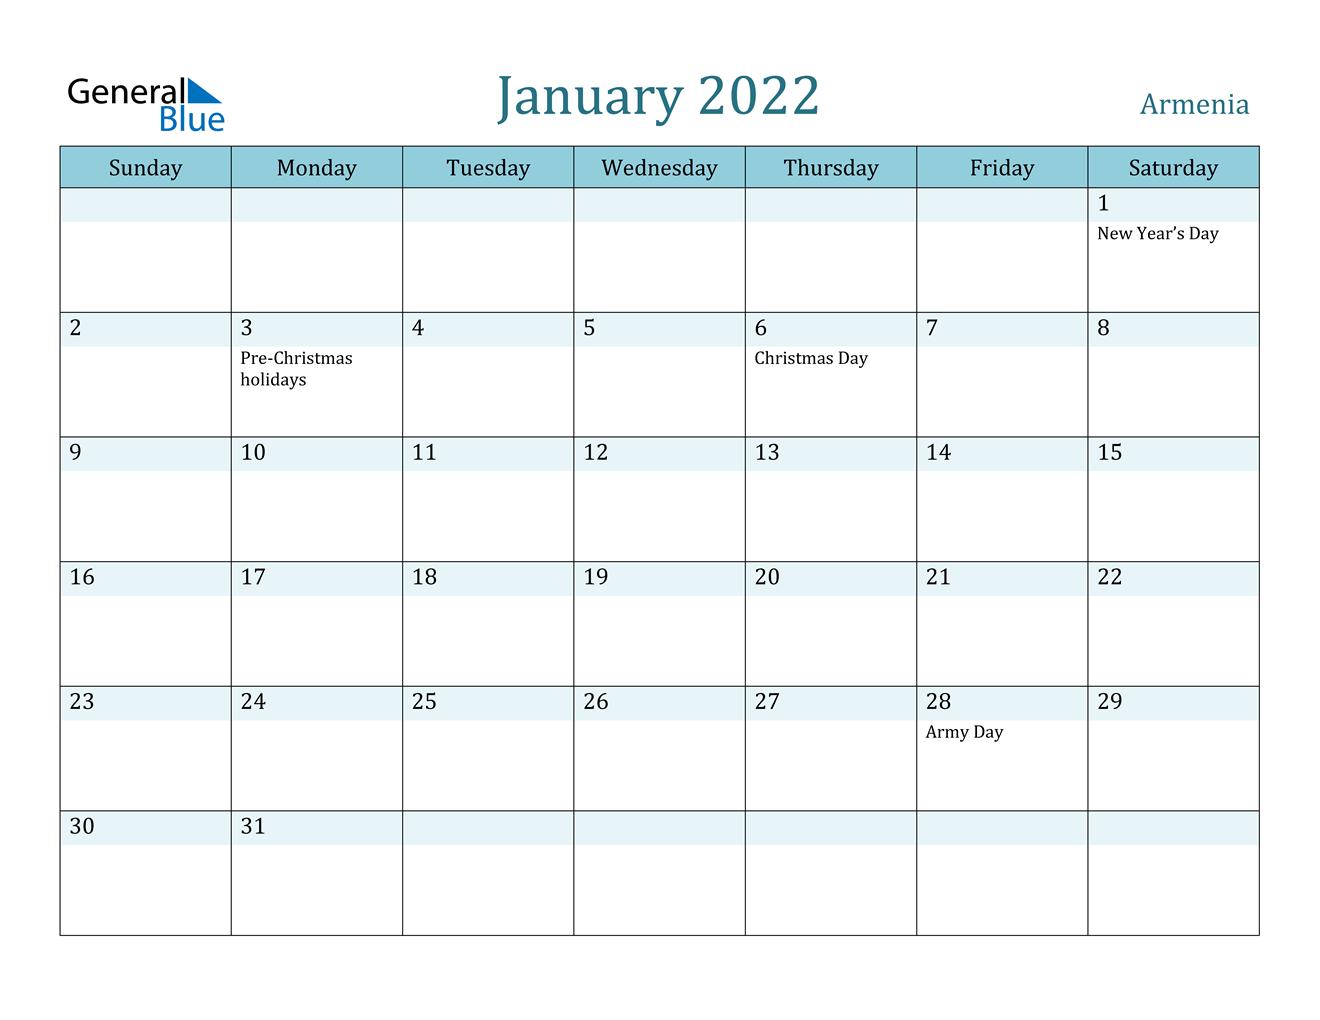 January 2022 Calendar - Armenia For Monthly Calendar January 2022